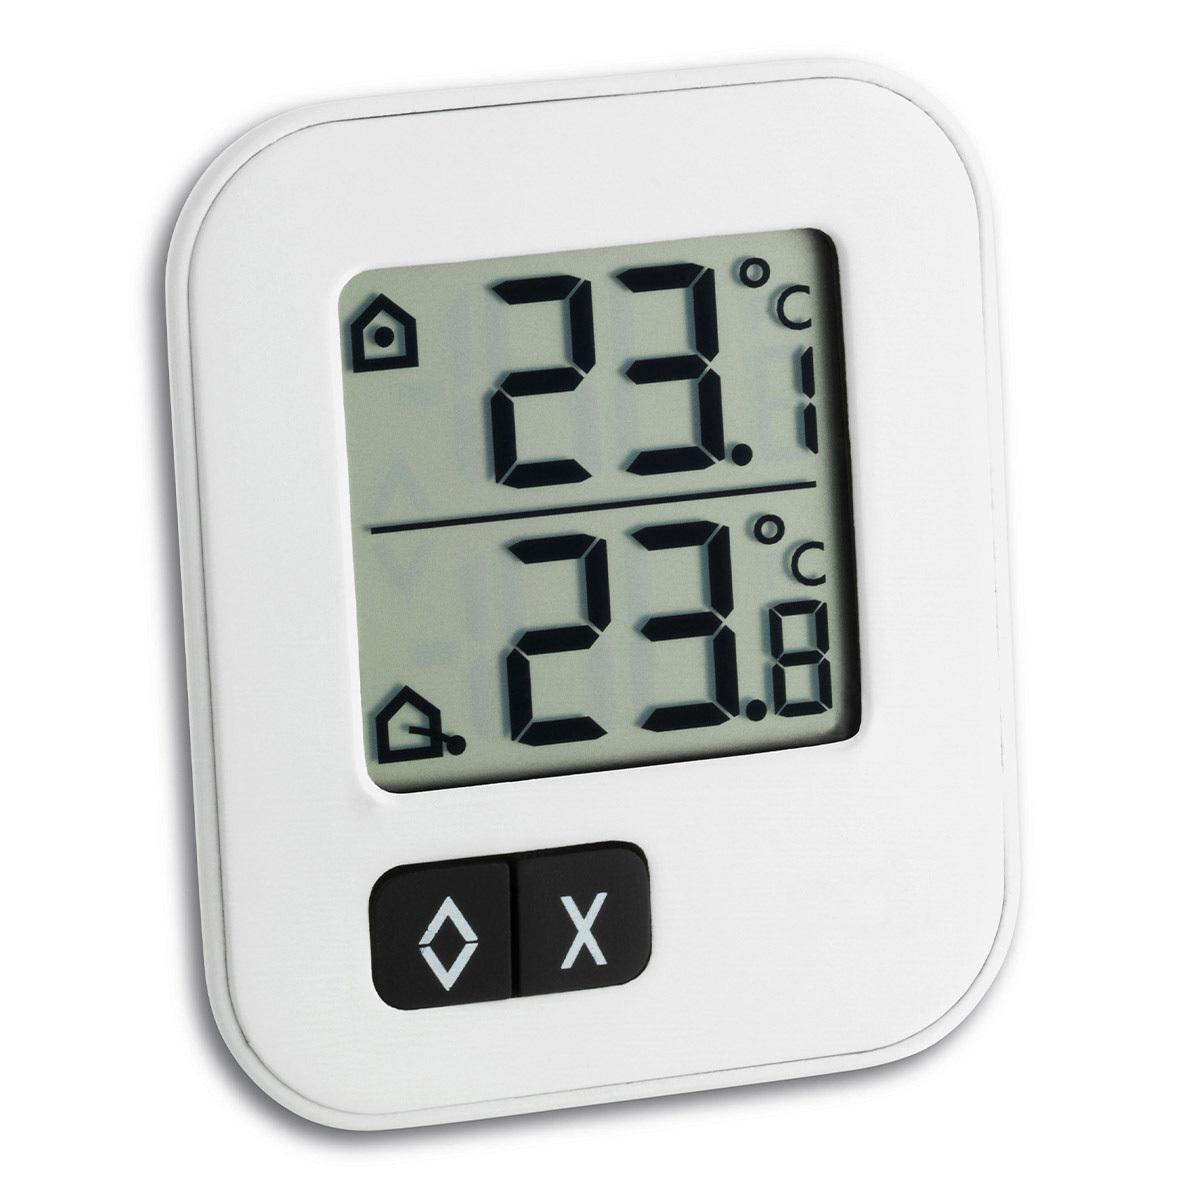 30-1043-02-digitales-innen-aussen-thermometer-moxx-1200x1200px.jpg